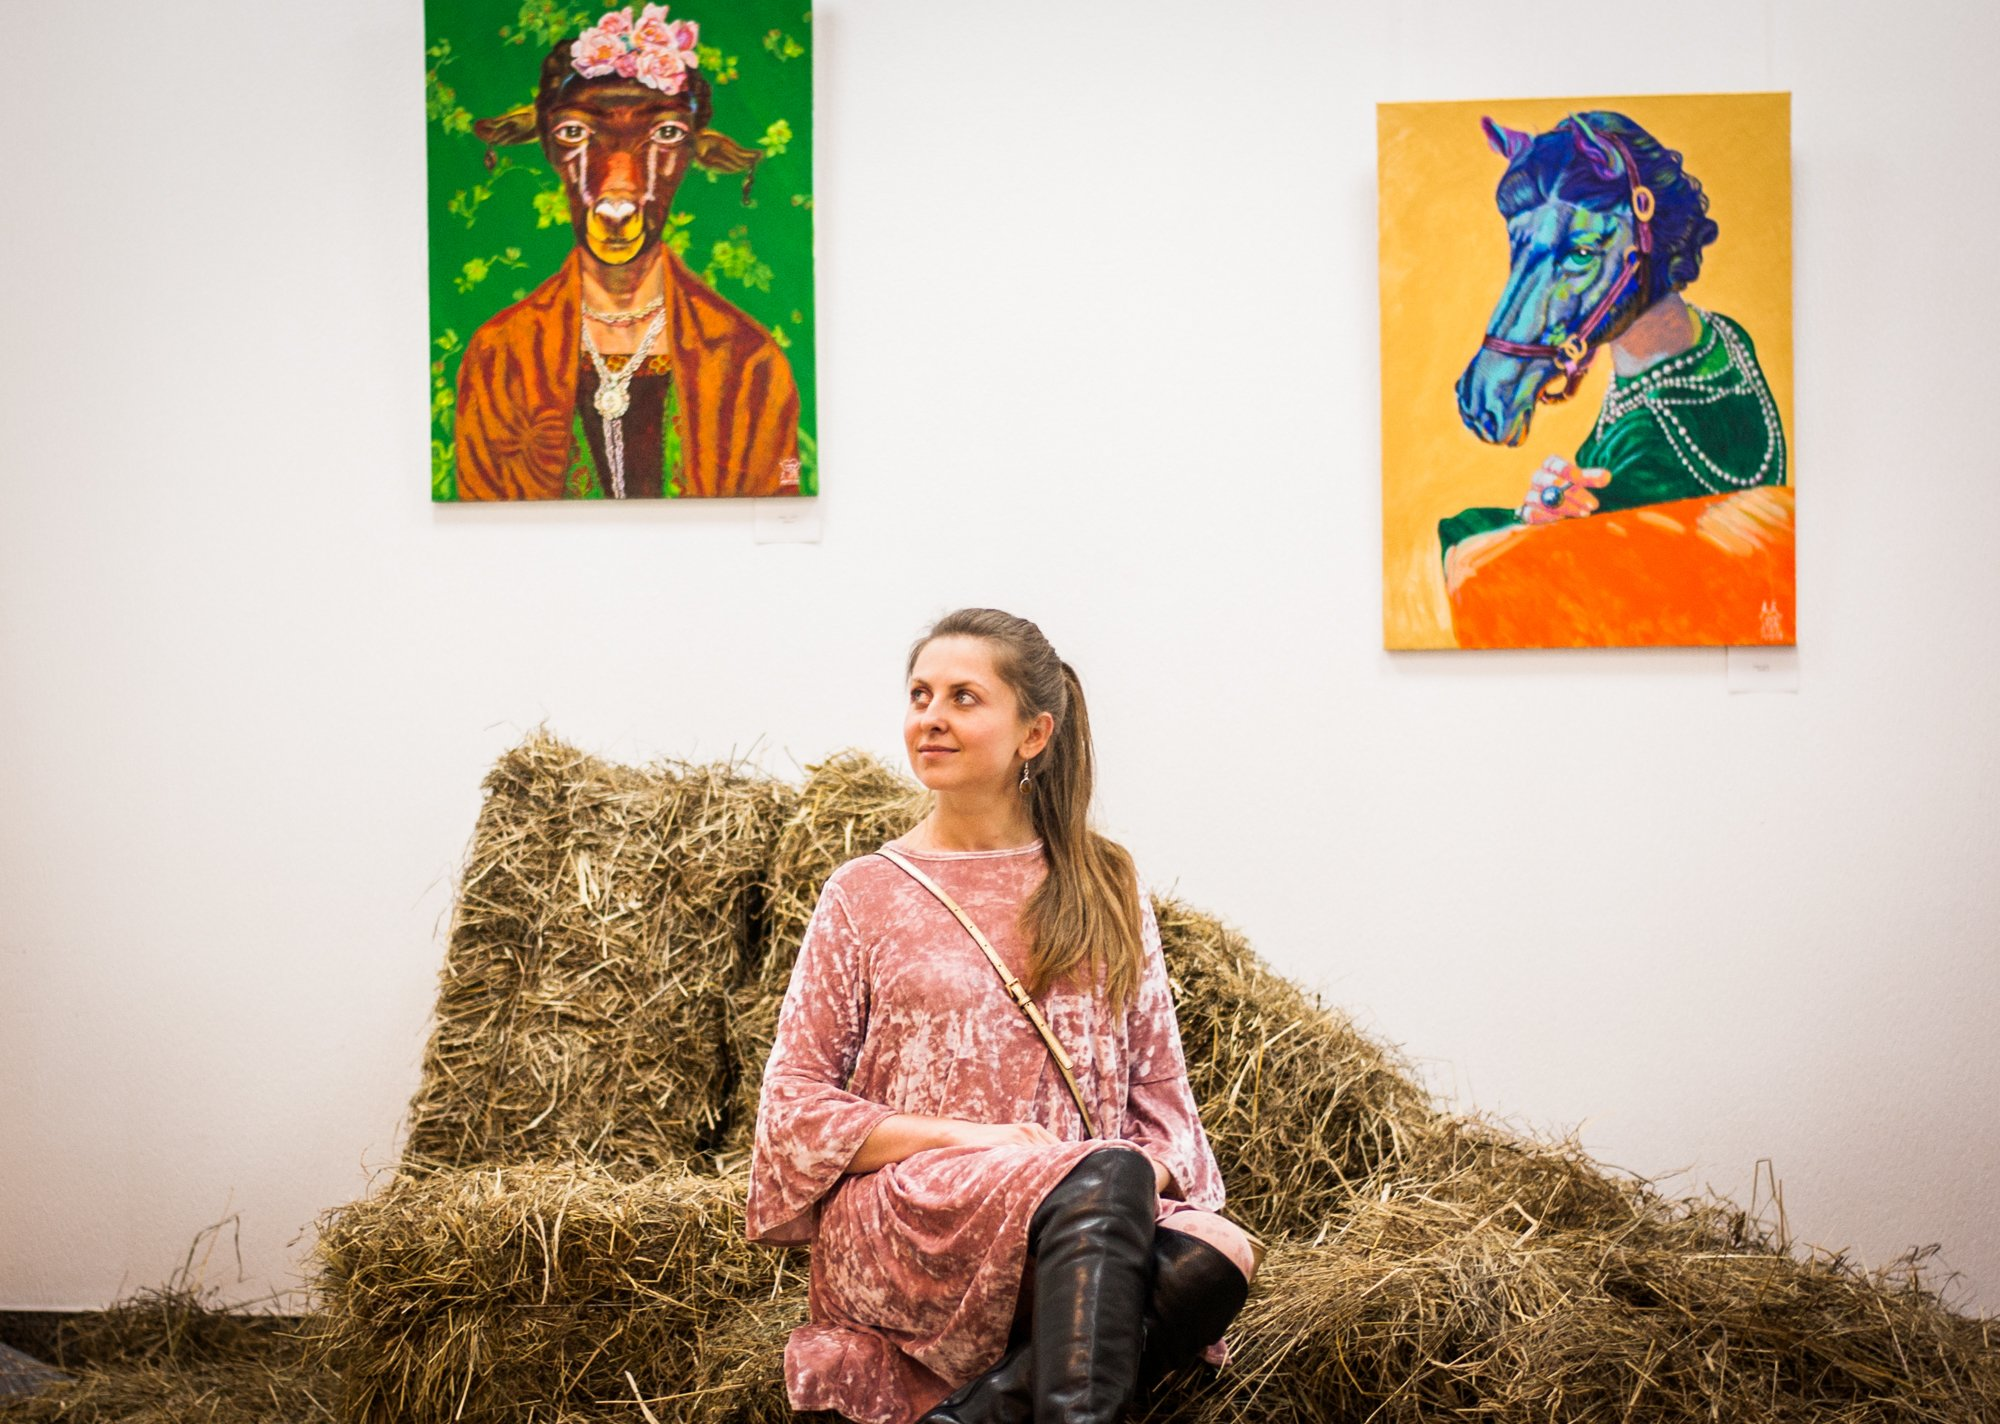 Перевтілення, асоціації та трохи містики – як Kyivmaps познайомилися з талановитою українською художницею